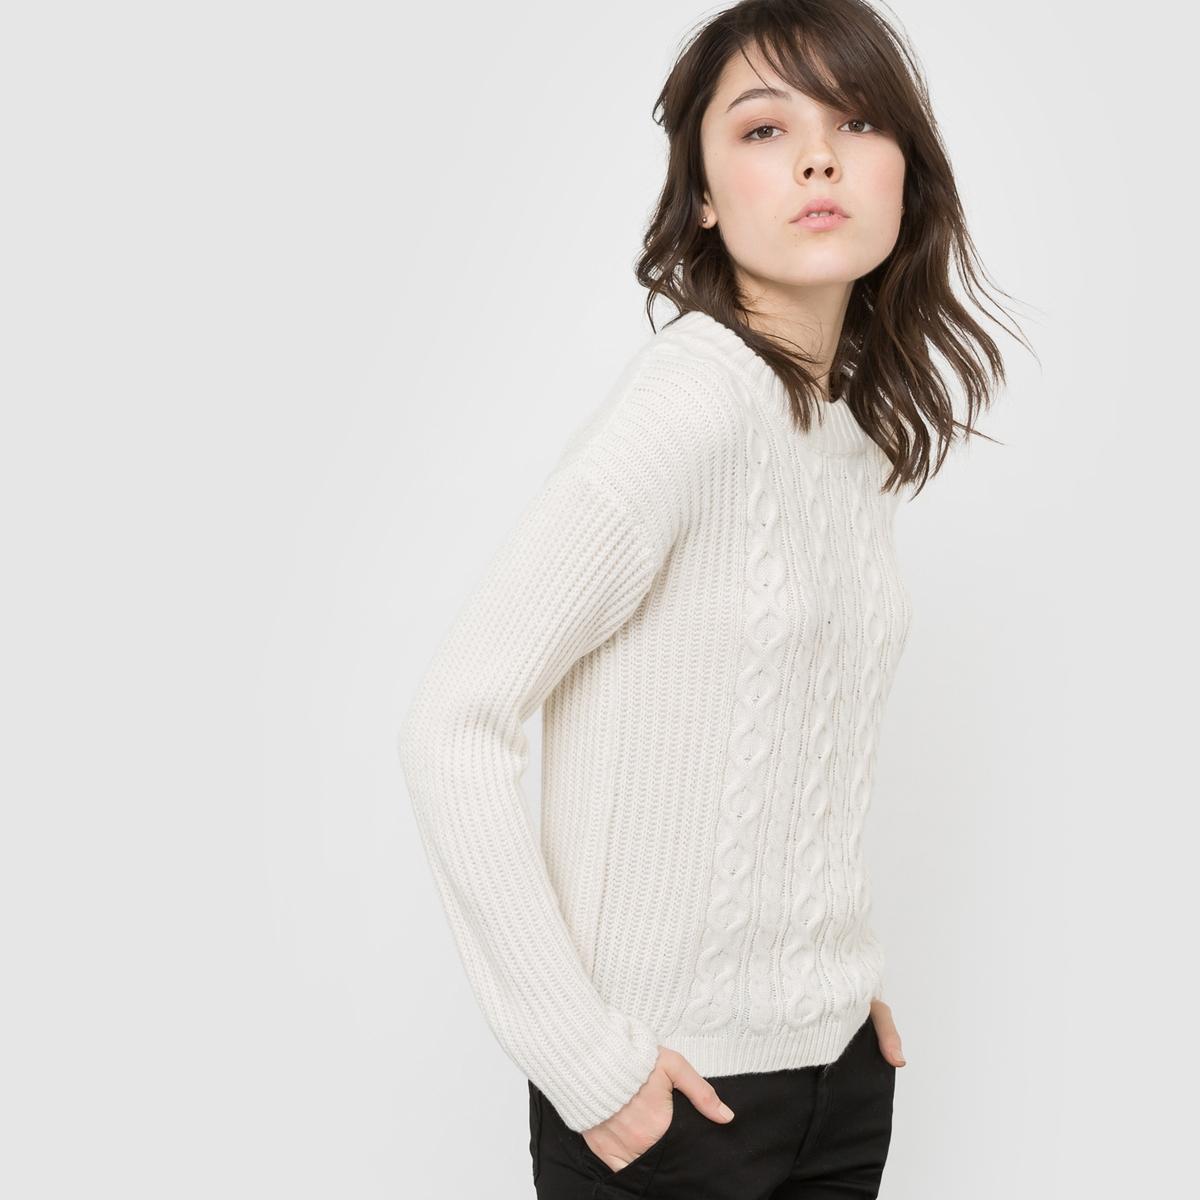 Пуловер из крученого трикотажа с широкой горловиной